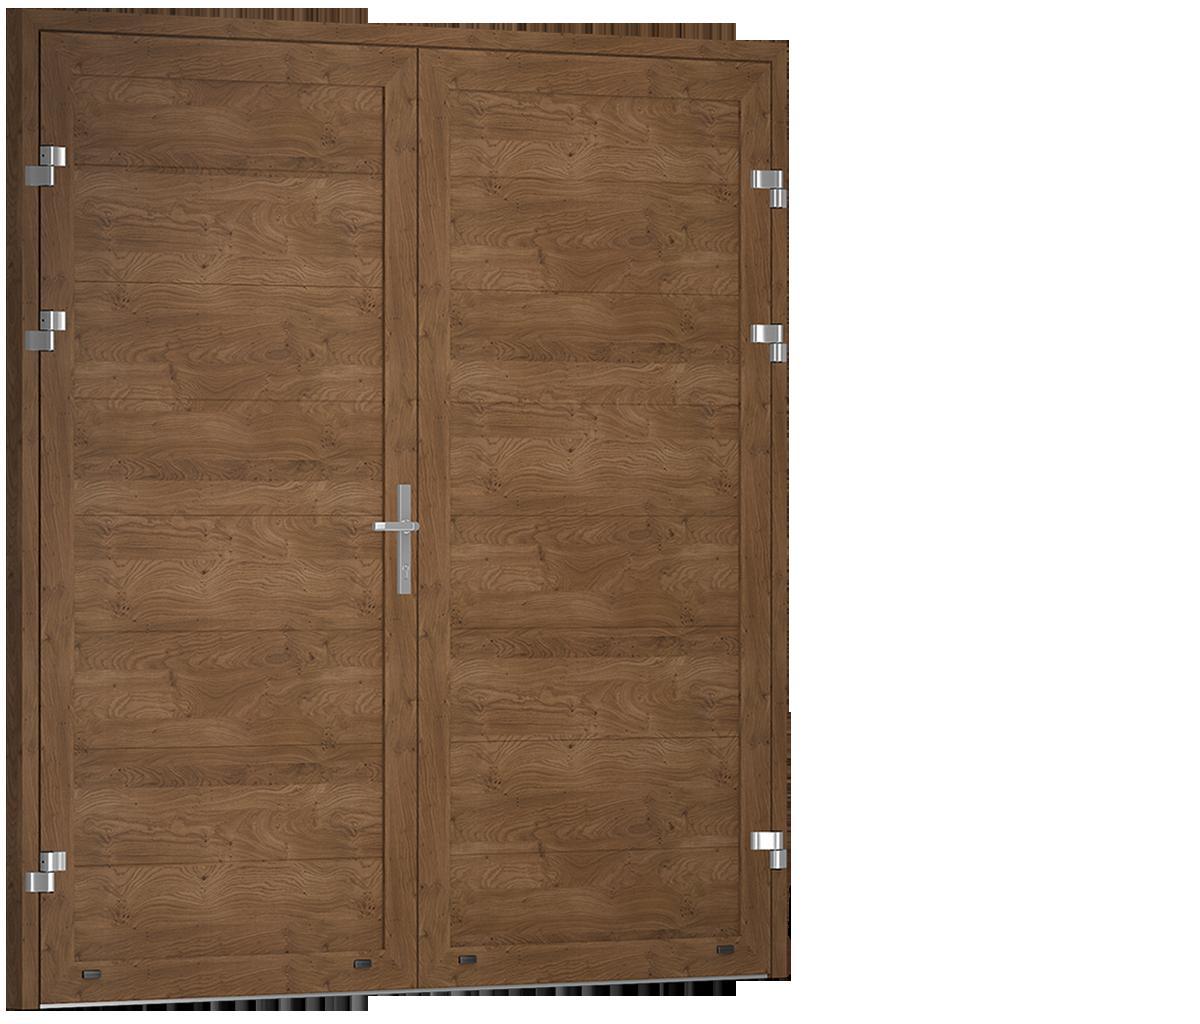 drzwi_podwójne_0000_drzwi_podwójne_0000_1-1024x991